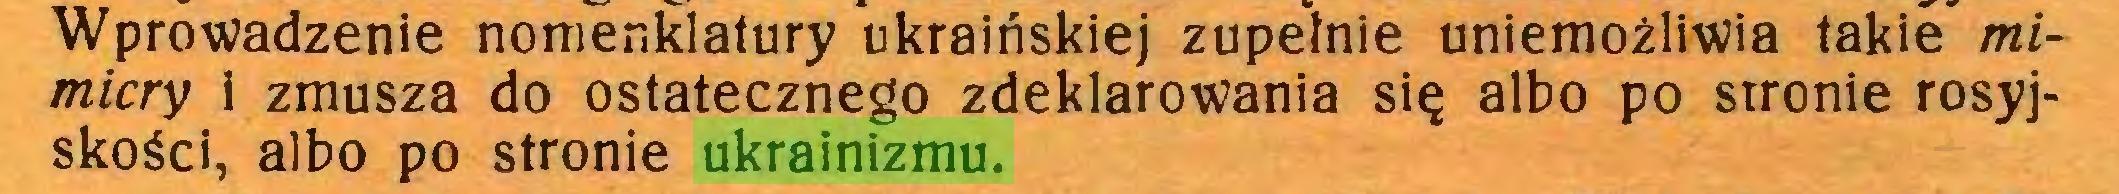 (...) Wprowadzenie nomenklatury ukraińskiej zupełnie uniemożliwia takie mi~ micry i zmusza do ostatecznego zdeklarowania się albo po stronie rosyjskości, albo po stronie ukrainizmu...